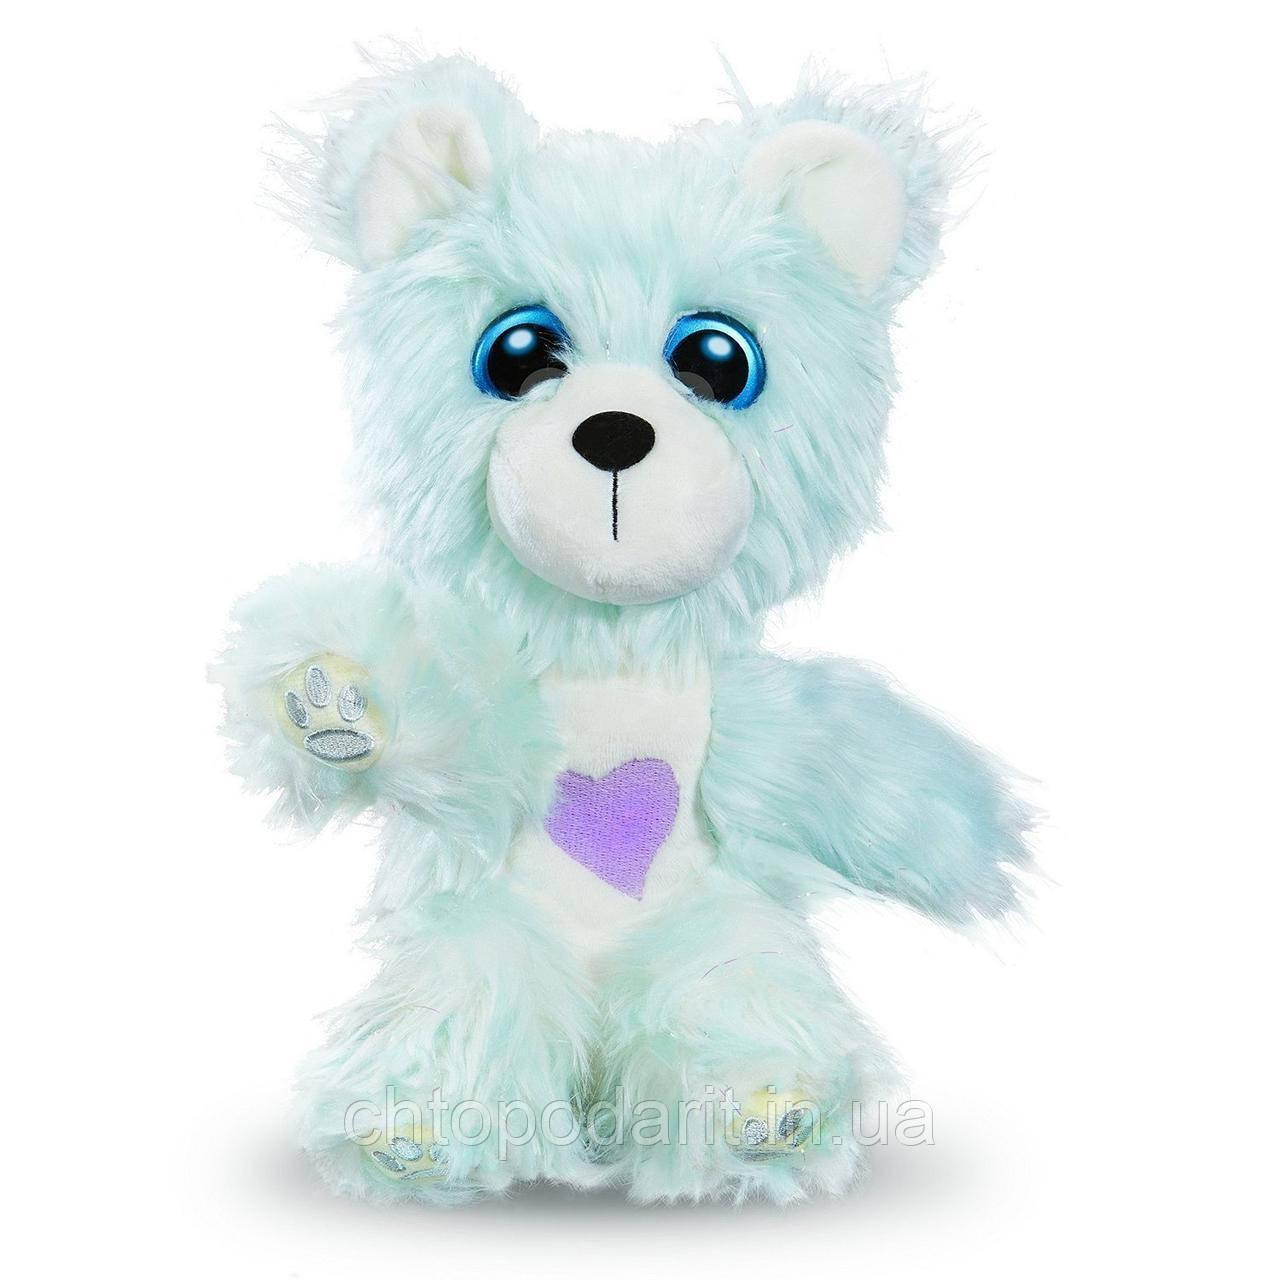 Пушистик потеряшка «Снежные друзья» игрушка сюрприз Scruff A Luvs Snow Pals Код 12-2046